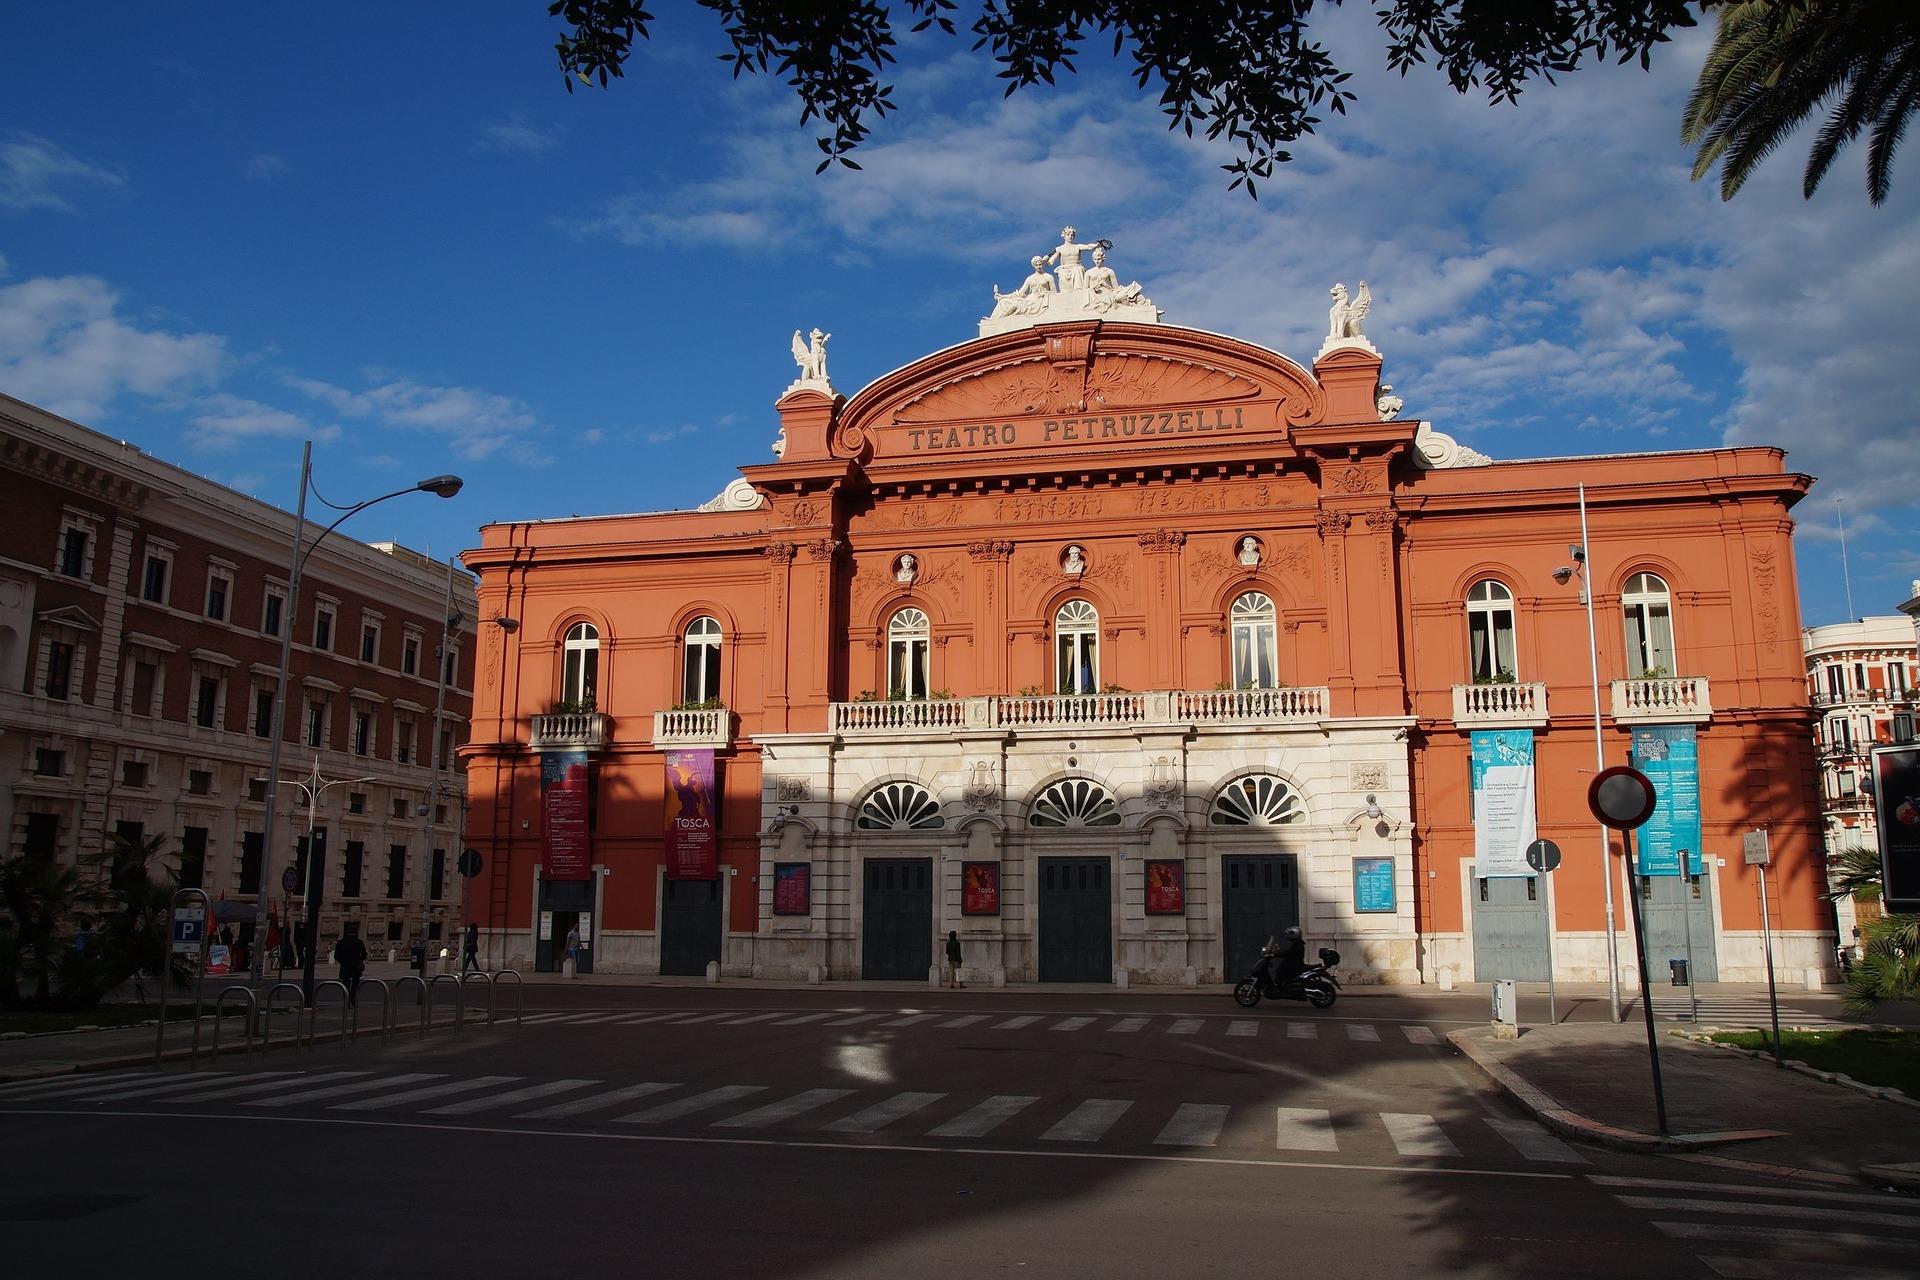 teatro petruzzelli storia